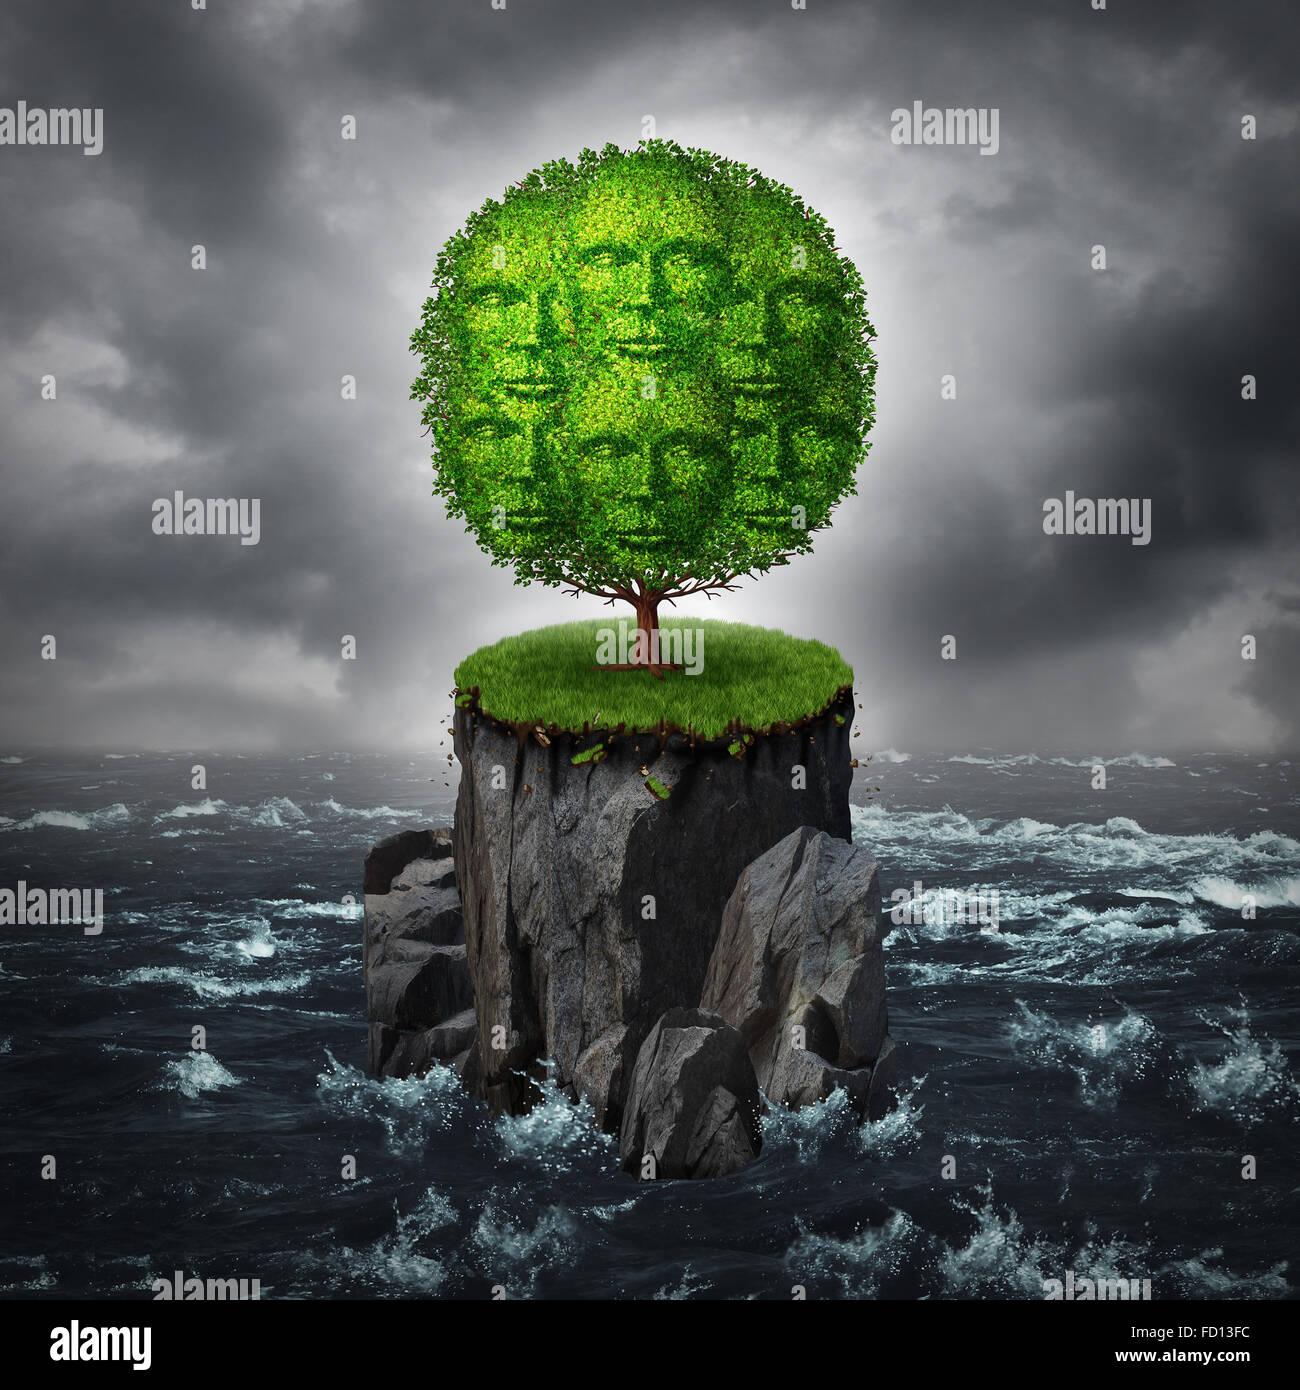 L'isolement communautaire concept comme un groupe de personnes se présentant sous forme d'un arbre Photo Stock